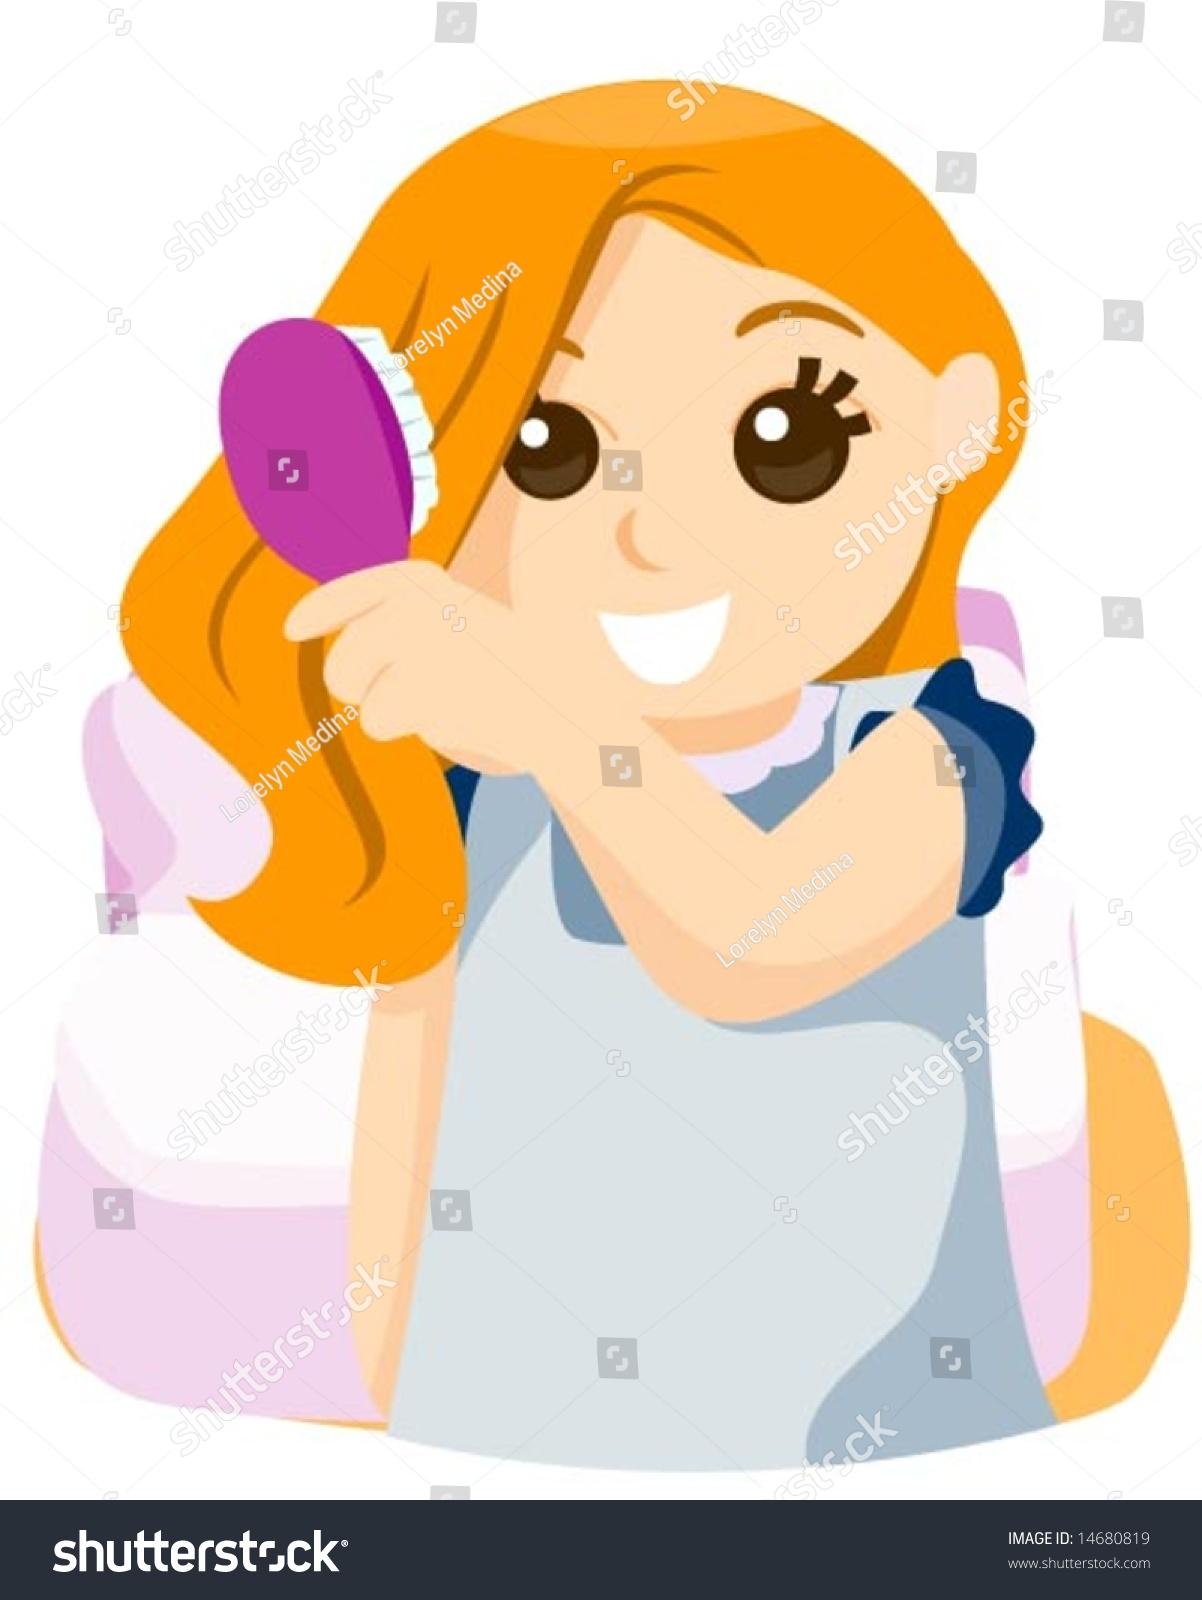 Brushing Hair - Vector - 14680819 : Shutterstock